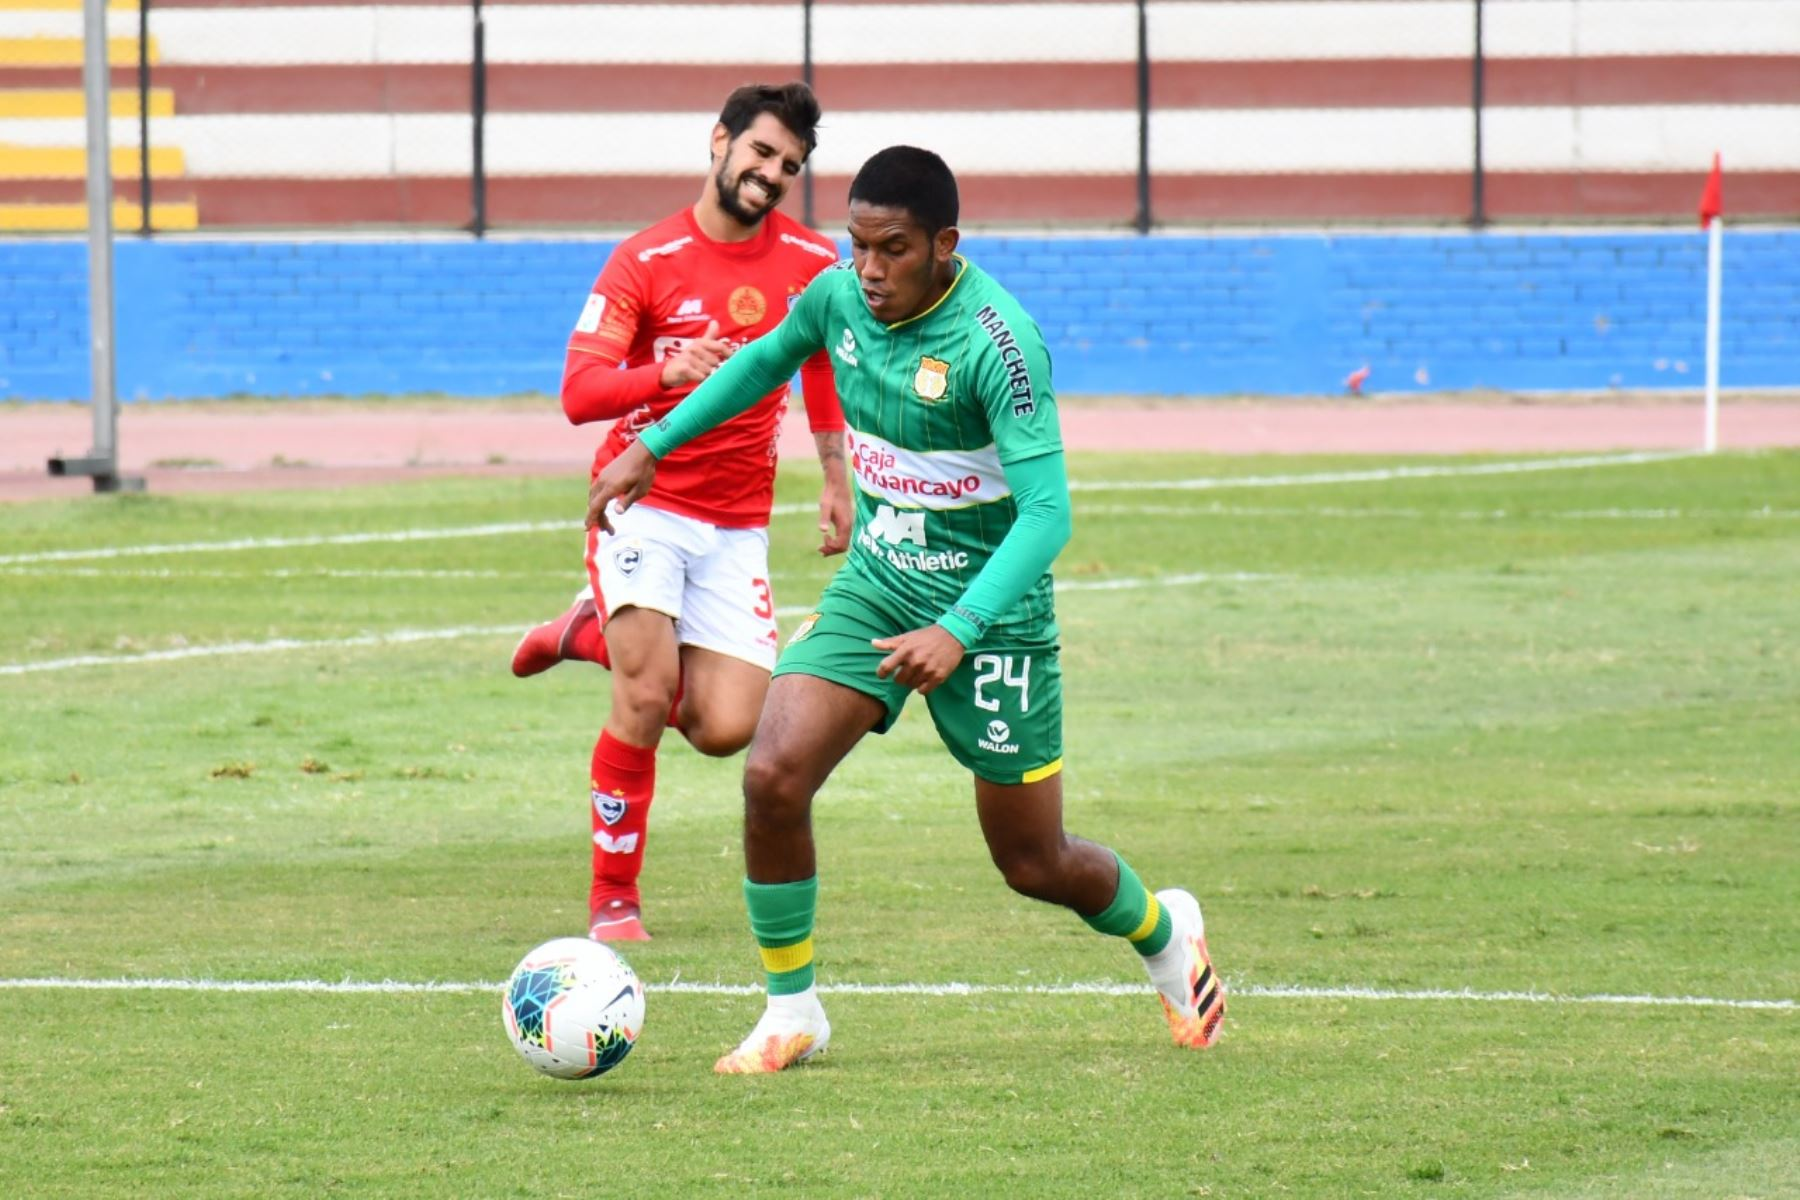 El futbolista V. Peña de Sport Huancayo se enfrenta por el balón ante su rival de Cienciano por la jornada 15 de la Liga 1, en el estadio Miguel Grau del Callao. Foto: @LigaFutProf